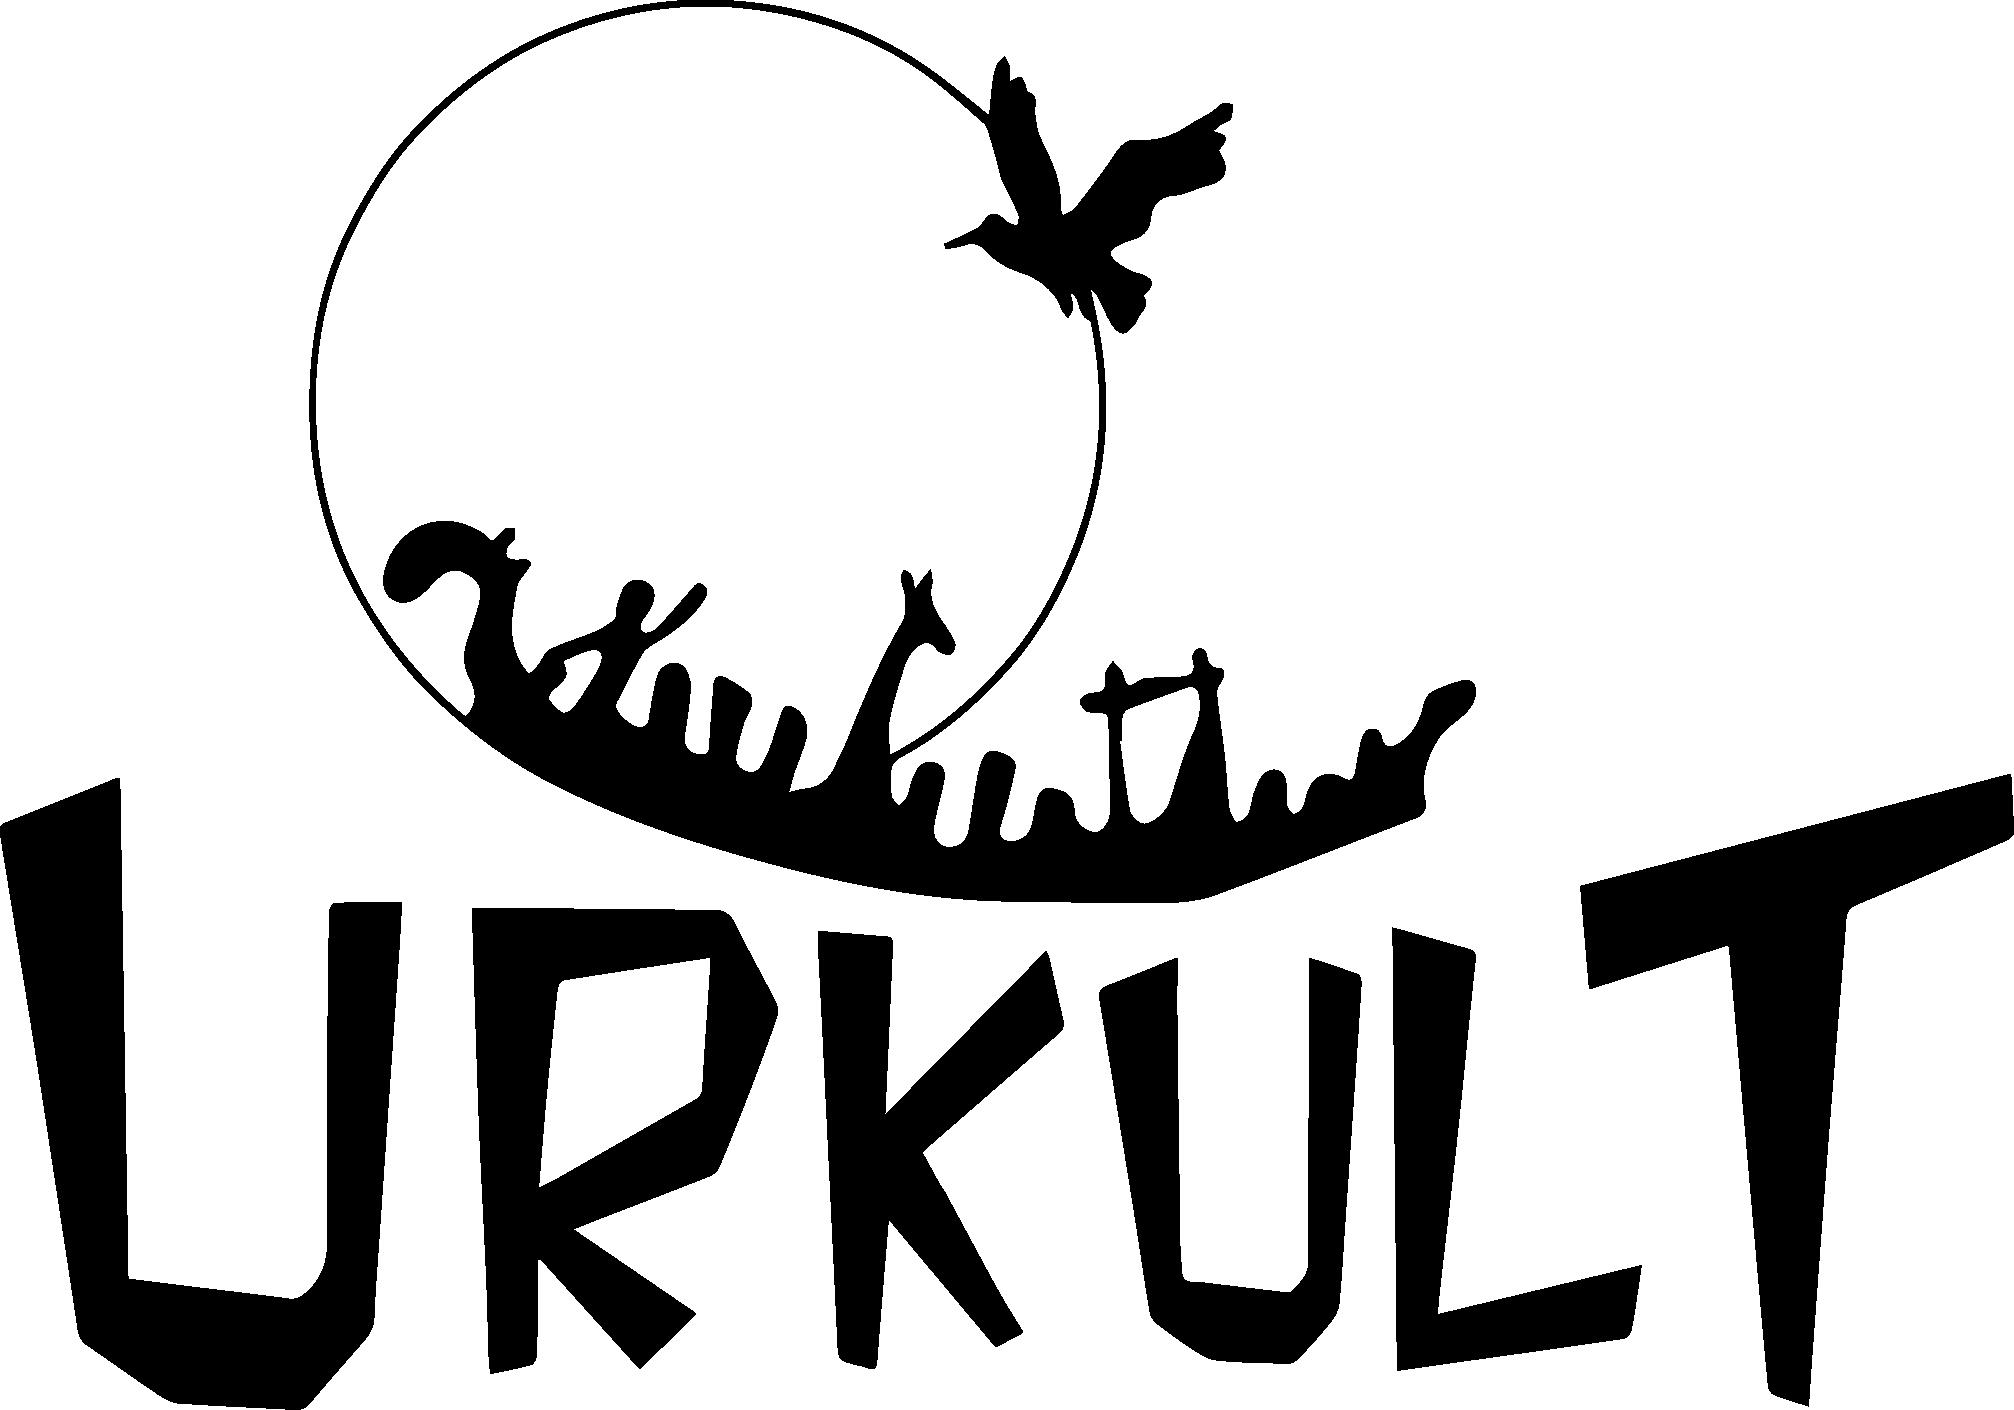 Urkult